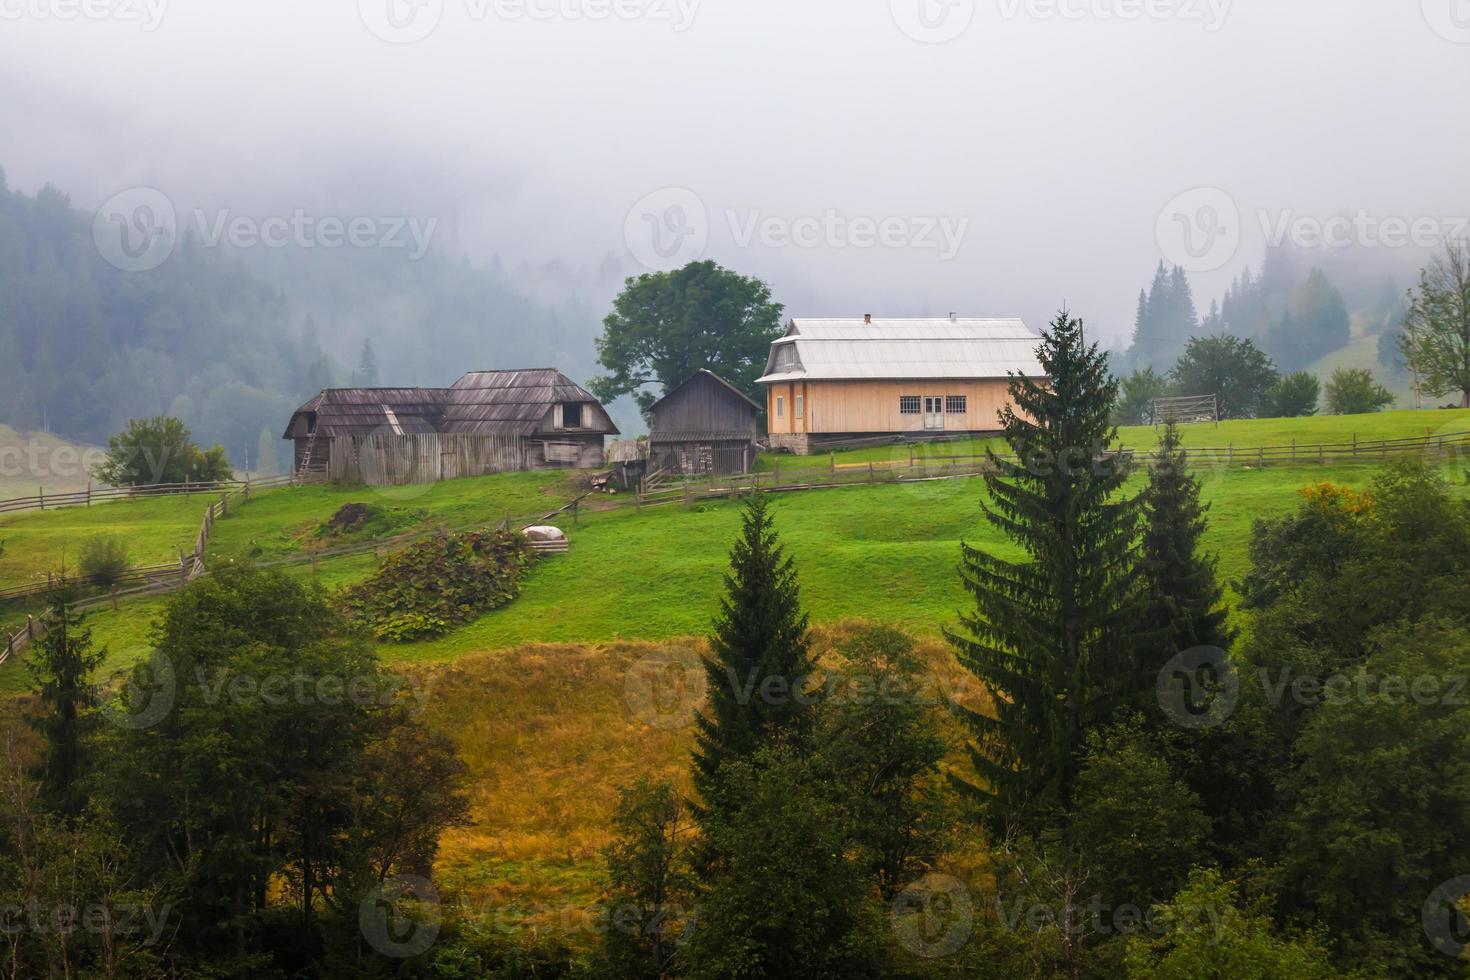 linda casa de madeira em uma colina verde foto